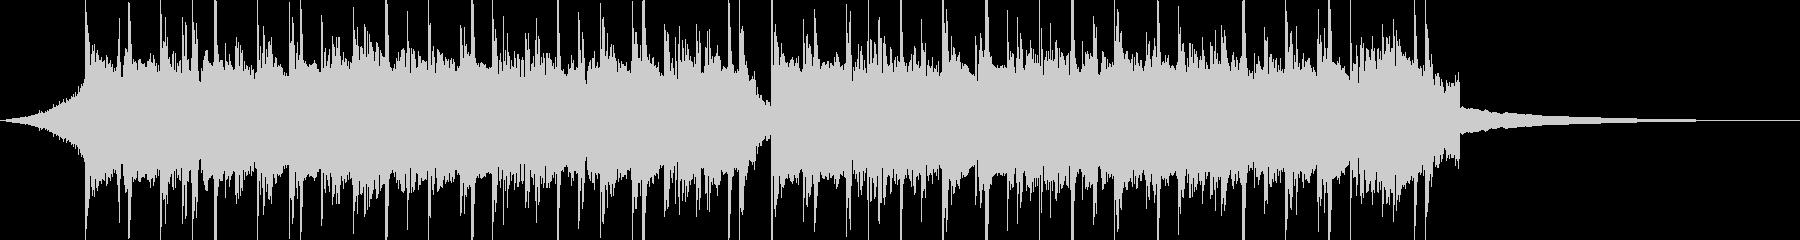 CM30秒、おしゃれなギターのトラックの未再生の波形